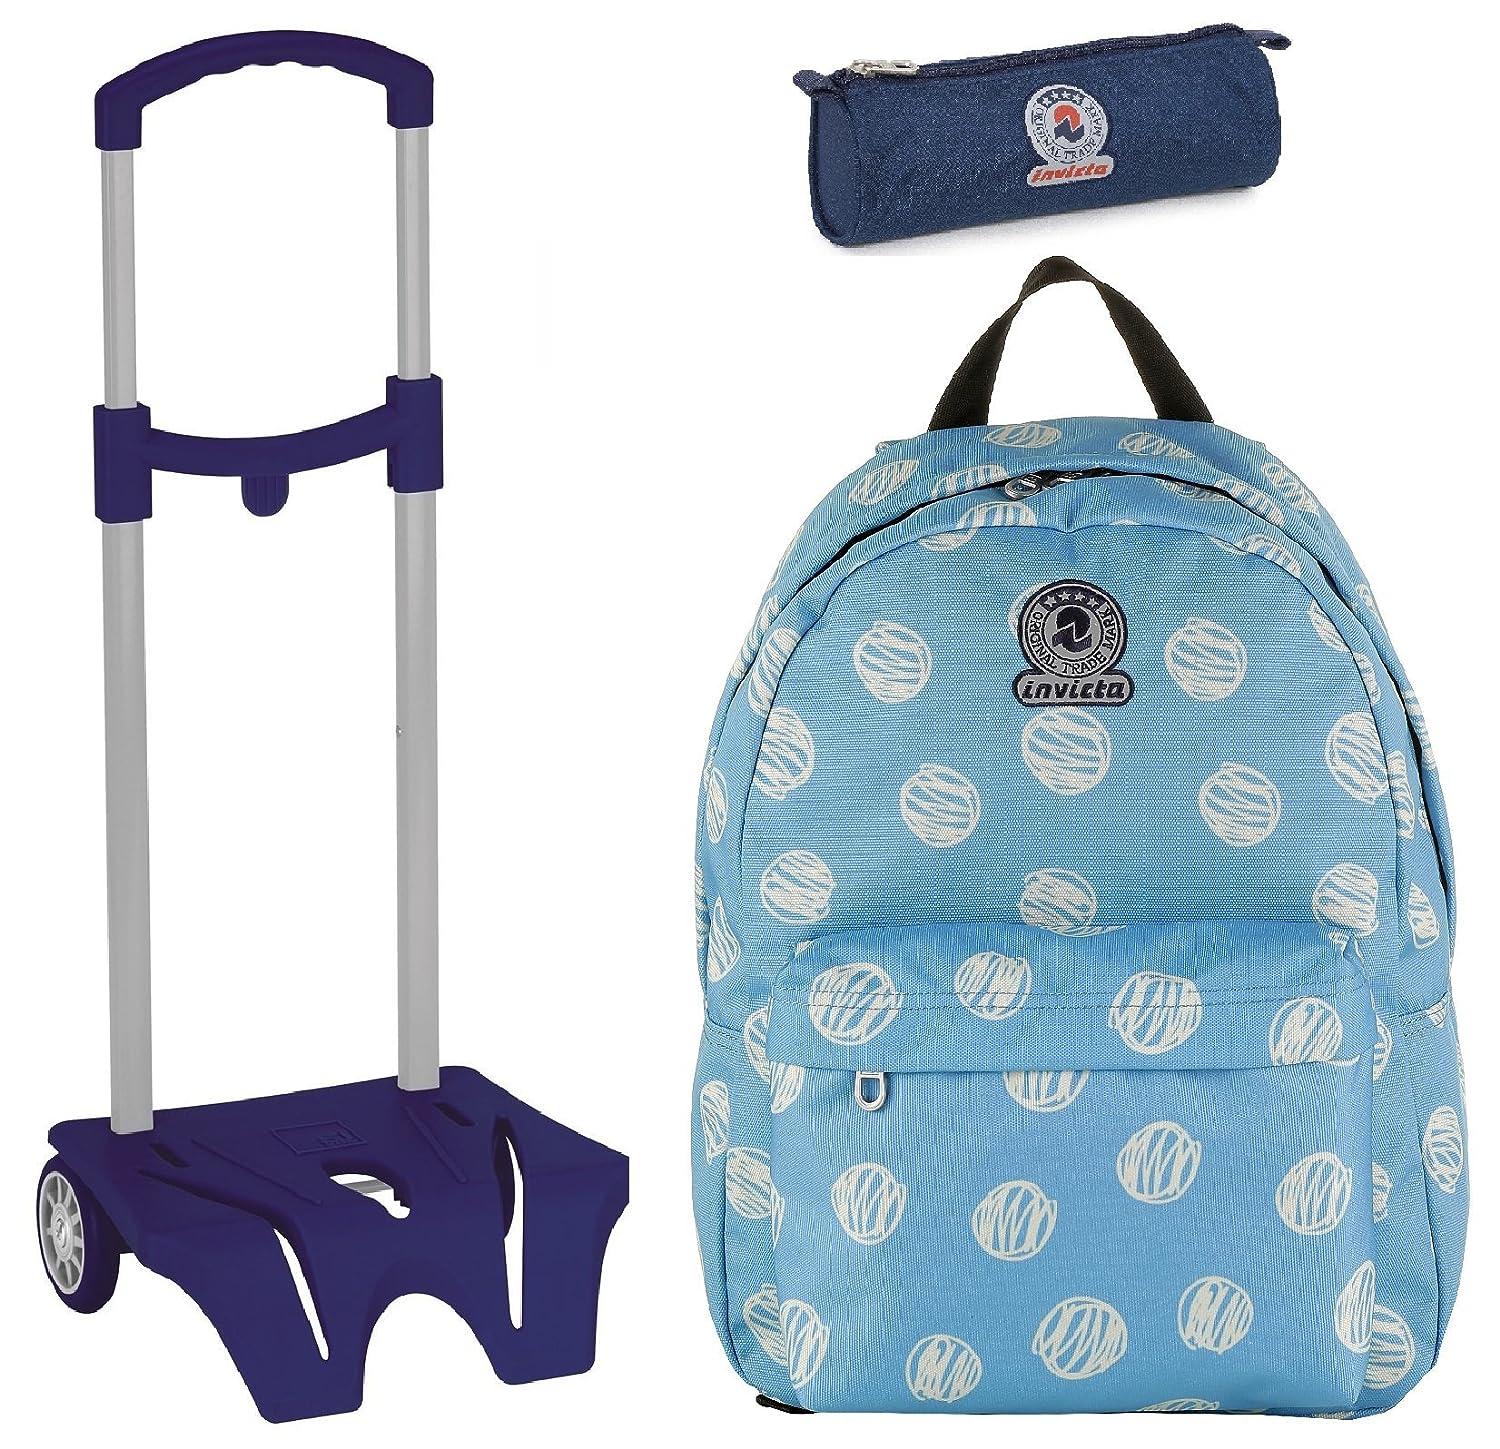 0bd33482a7 Zaino Roundast Invicta + Easy Trolley + Portapenne - Azzurro - Scuola  elementari e Medie 25 LT: Amazon.it: Sport e tempo libero